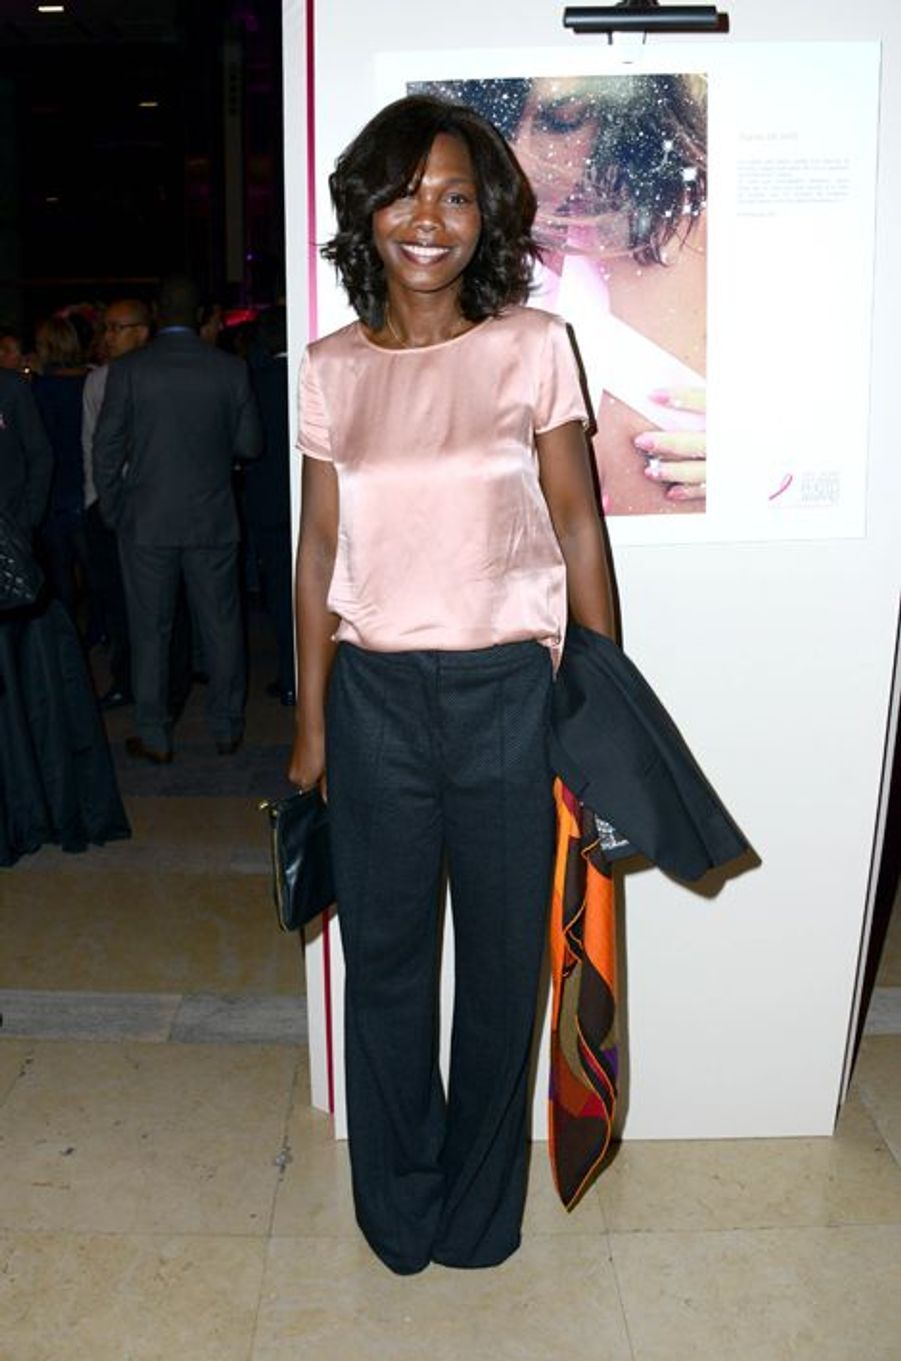 Kareen Guiock à la soirée Ruban Rose 2014 au Palais Chaillot le 7 octobre 2014 à Paris